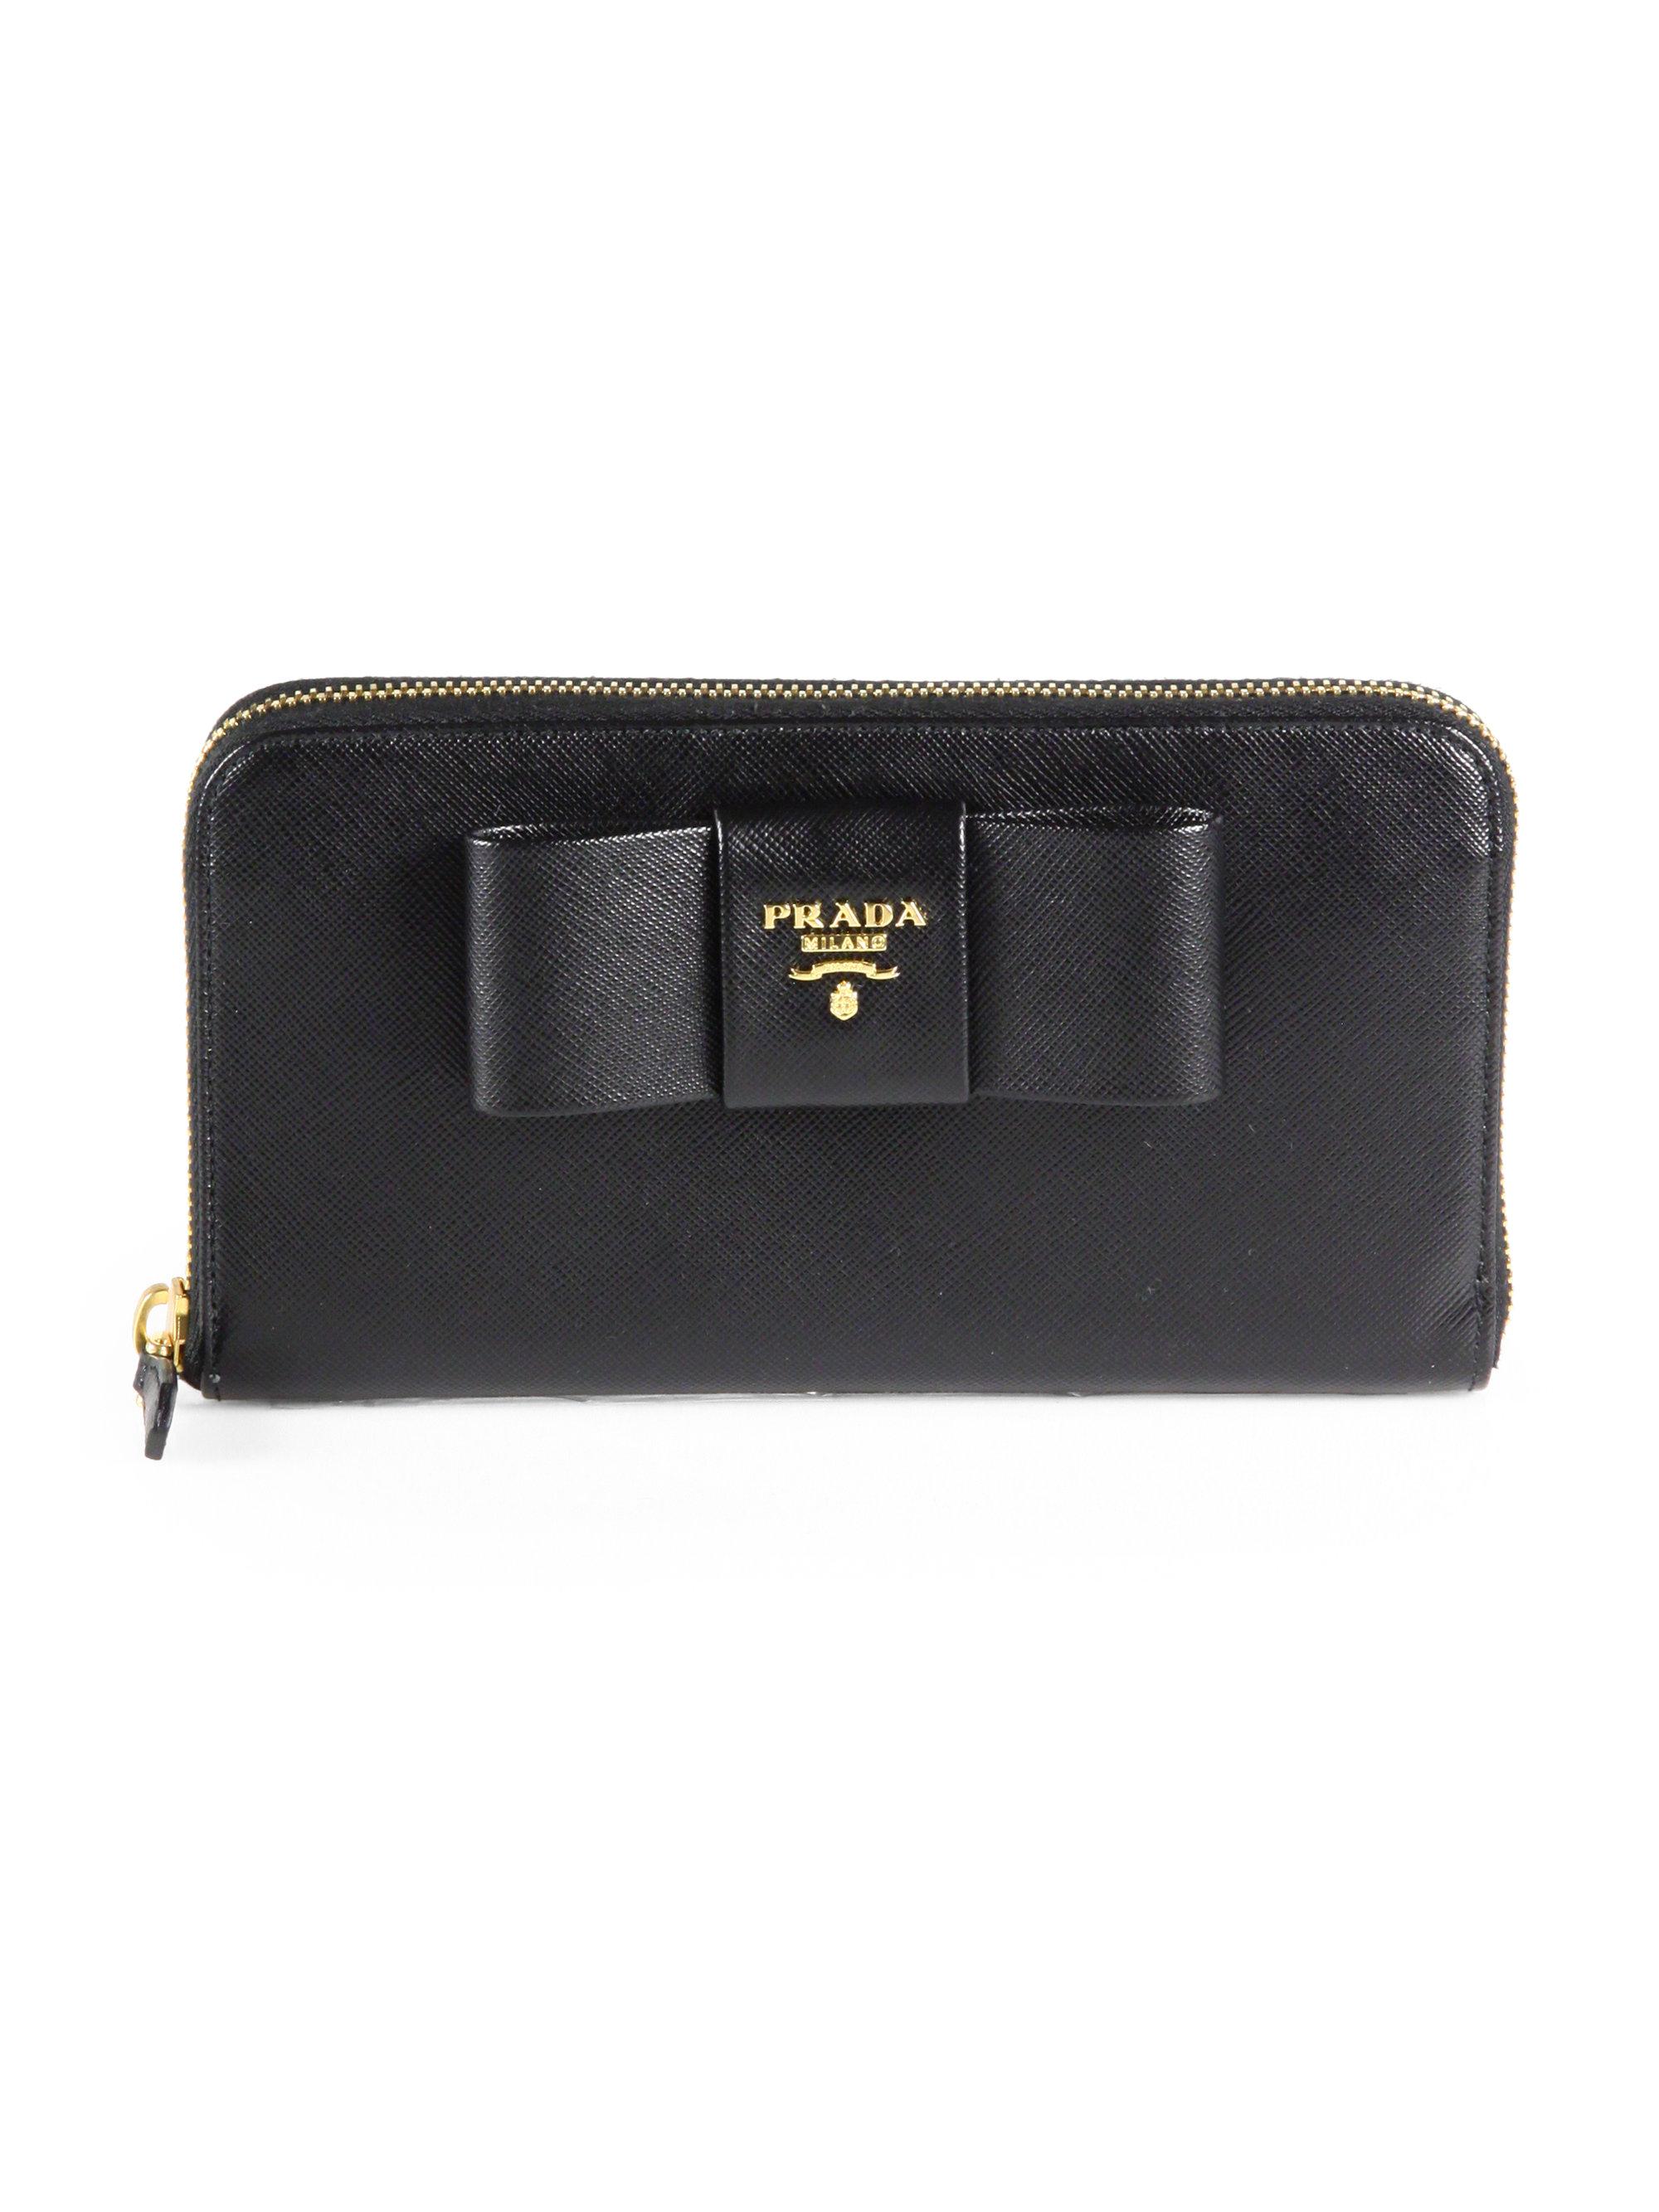 13edfd6292d5 Prada Saffiano Bow Zip-around Wallet in Black - Lyst